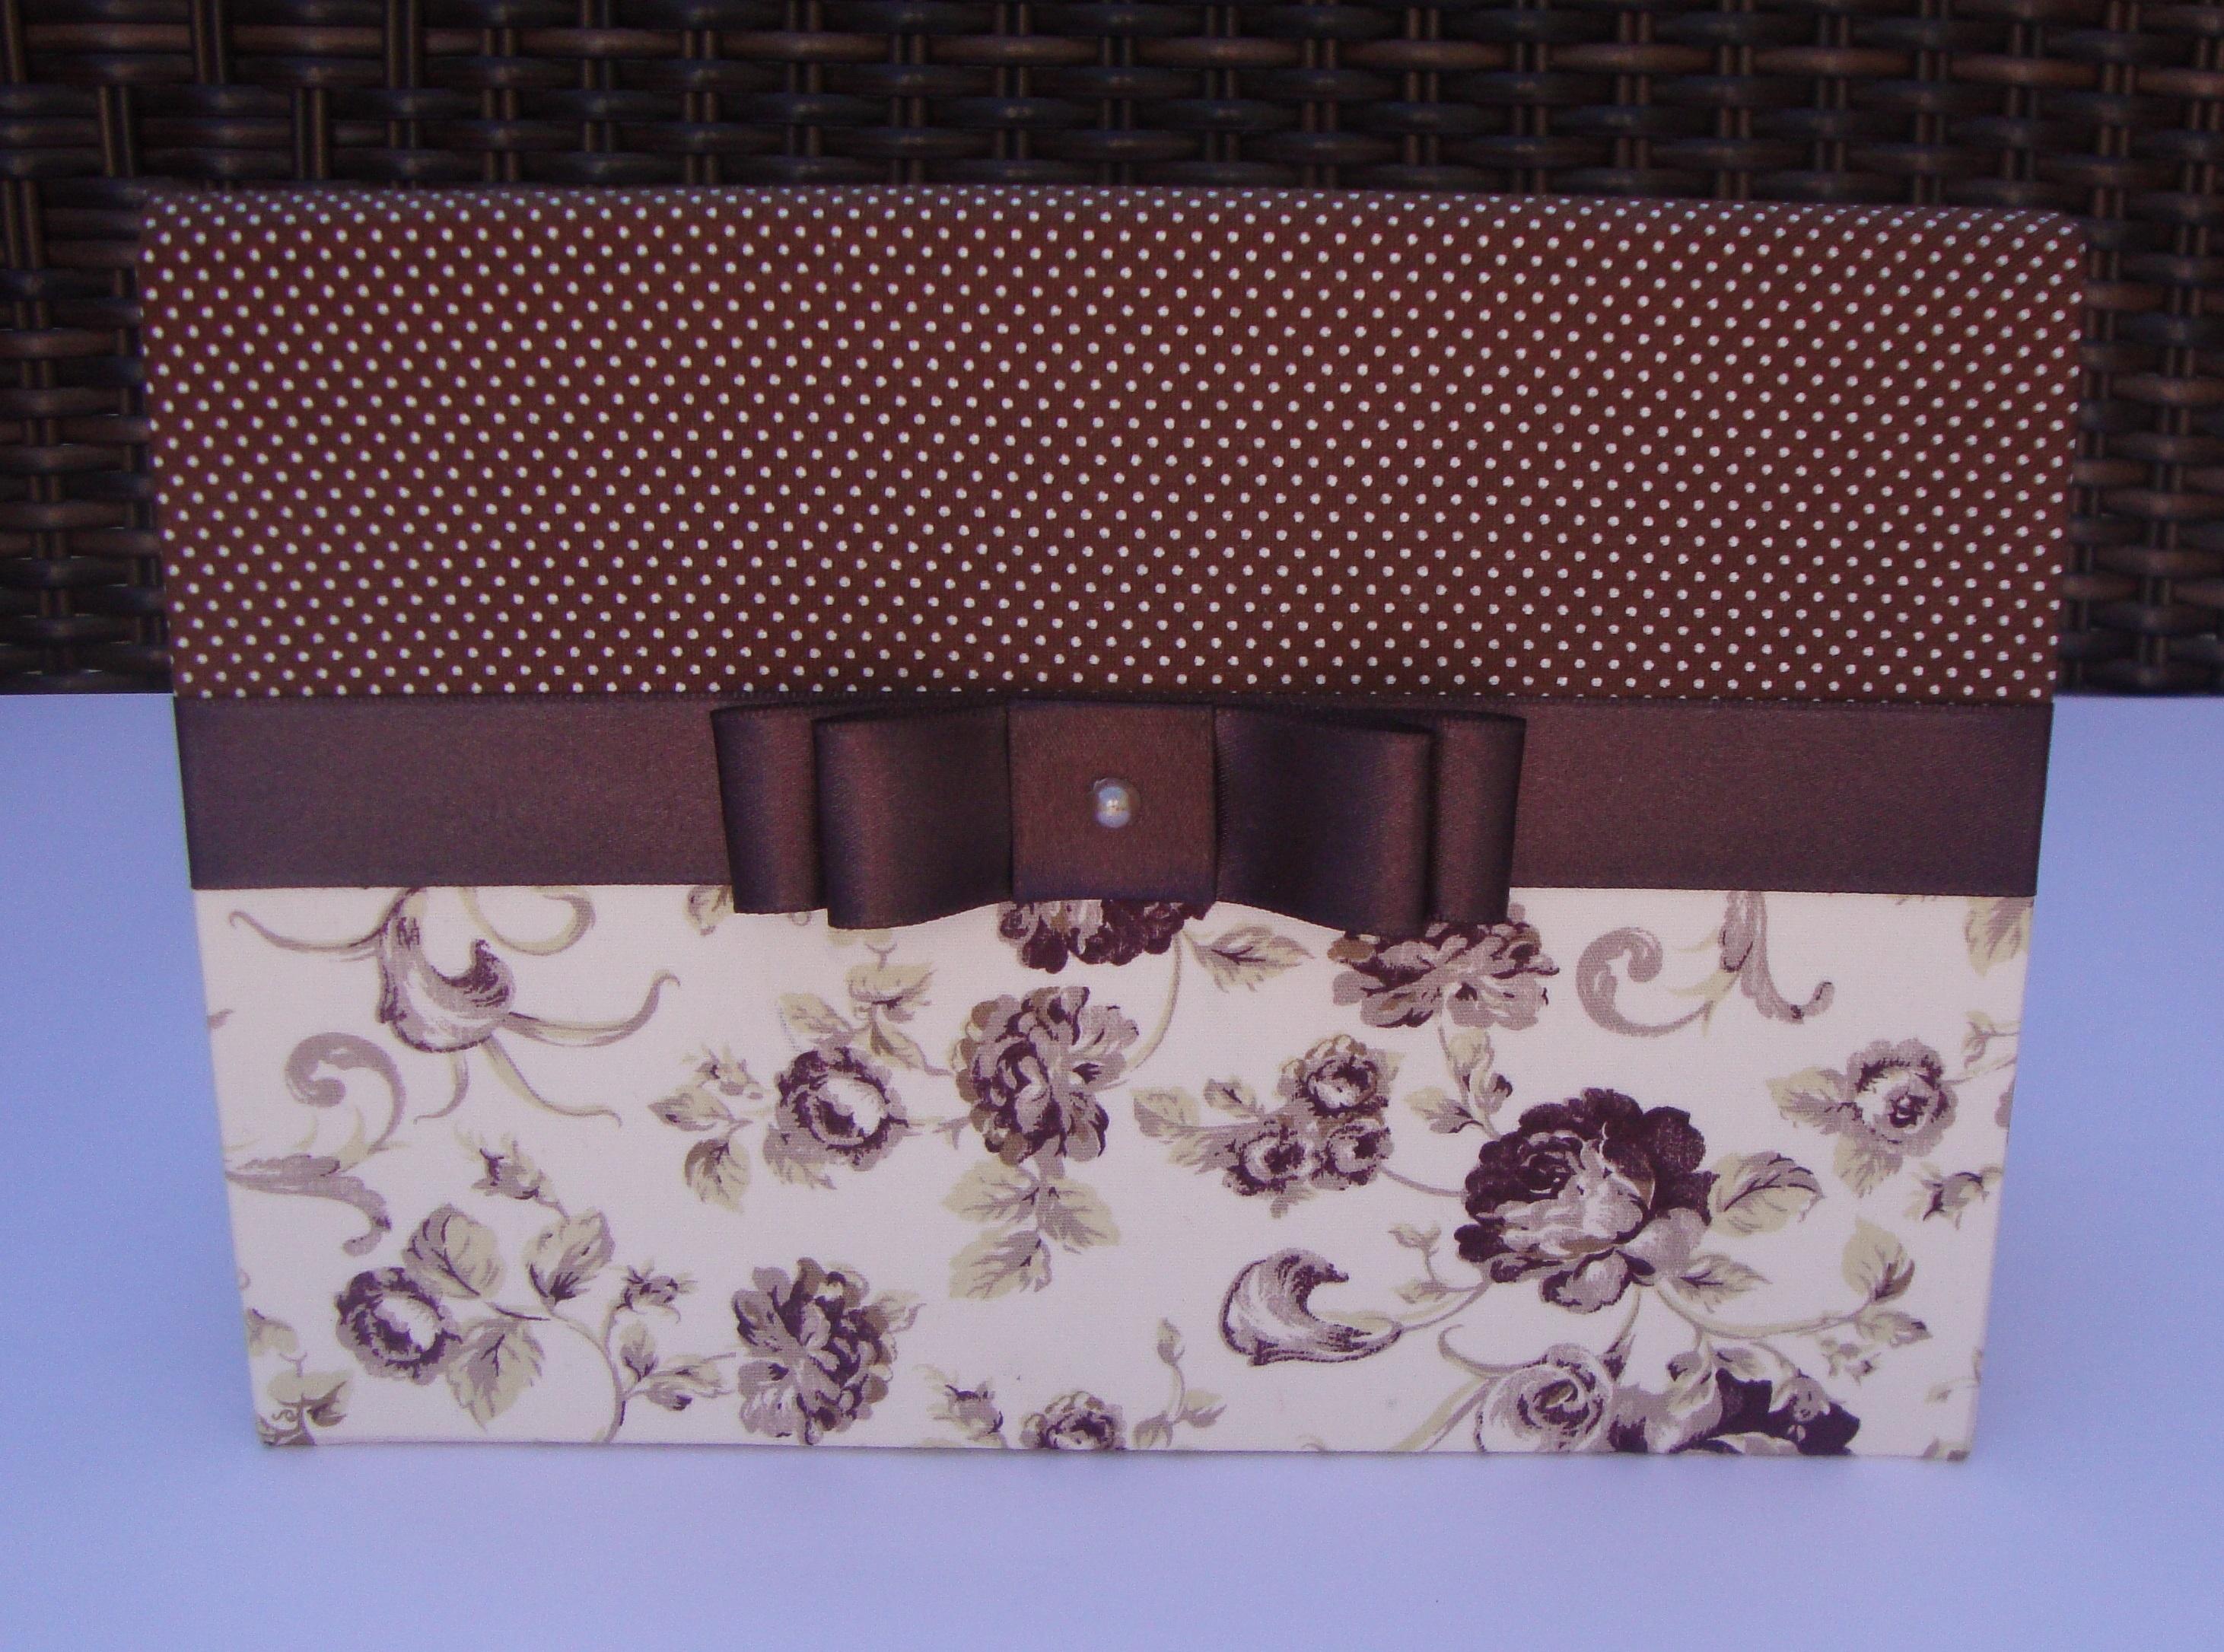 em tecido floral caixa em mdf revestida em tecido floral caixa  #343D97 2923x2171